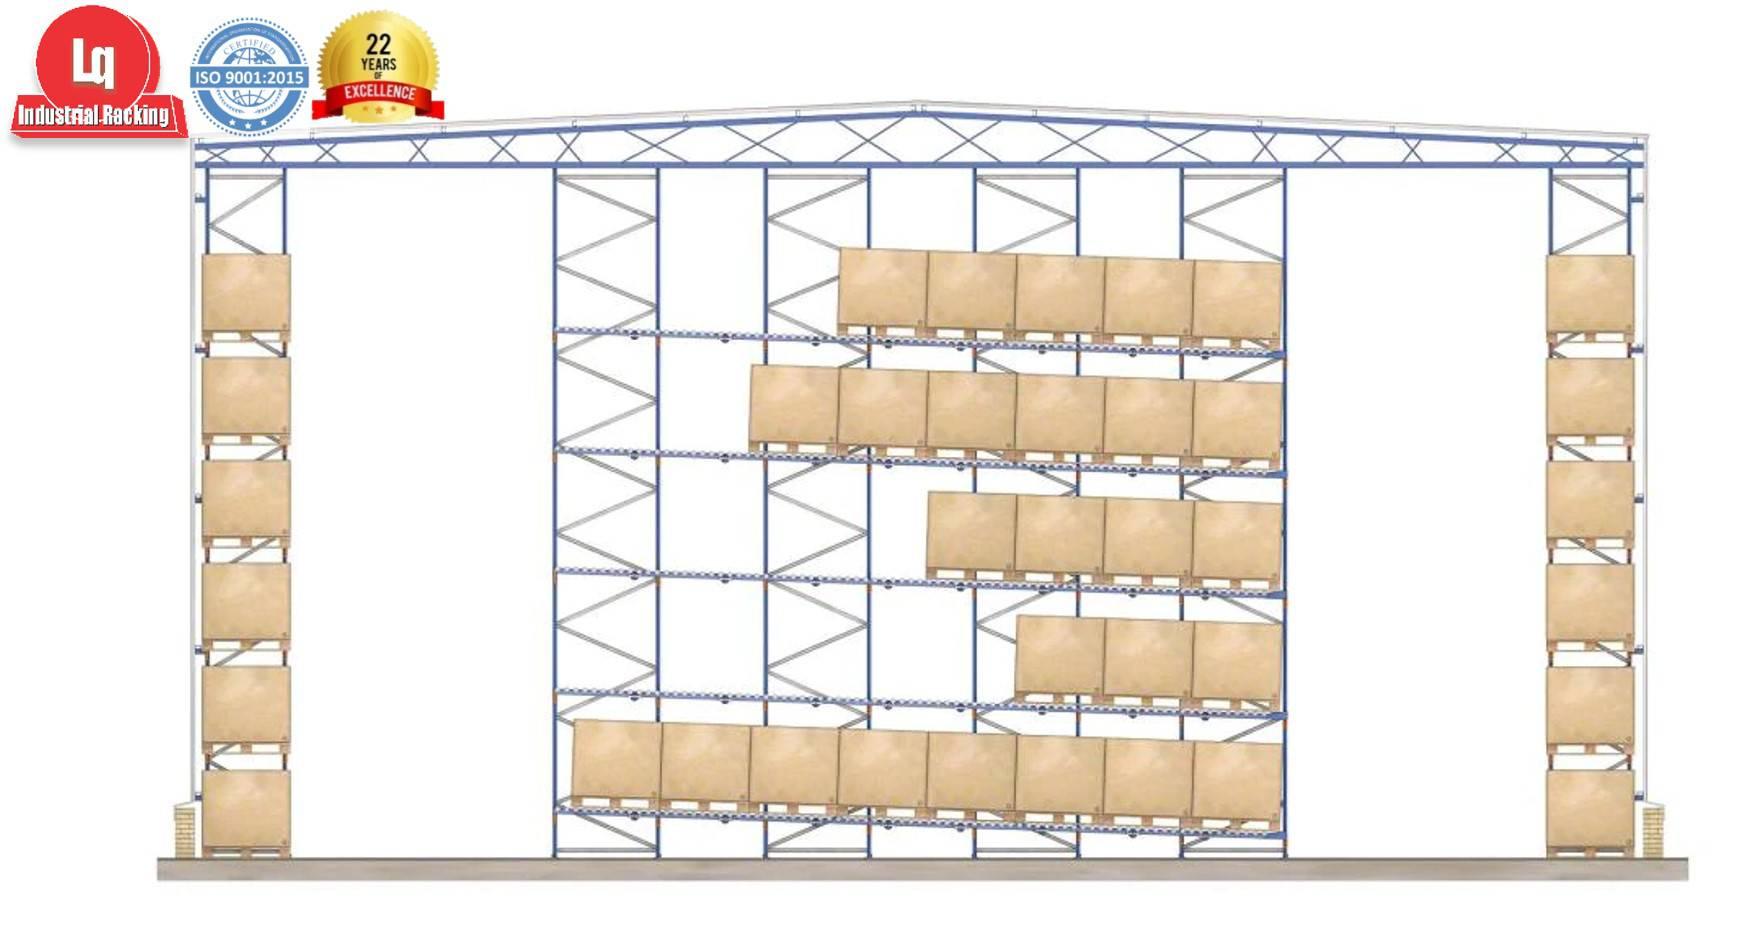 Kệ thép kệ trôi sản xuất kệ nhà kho thông minh giá rẻ tại Hà Nội_compressed